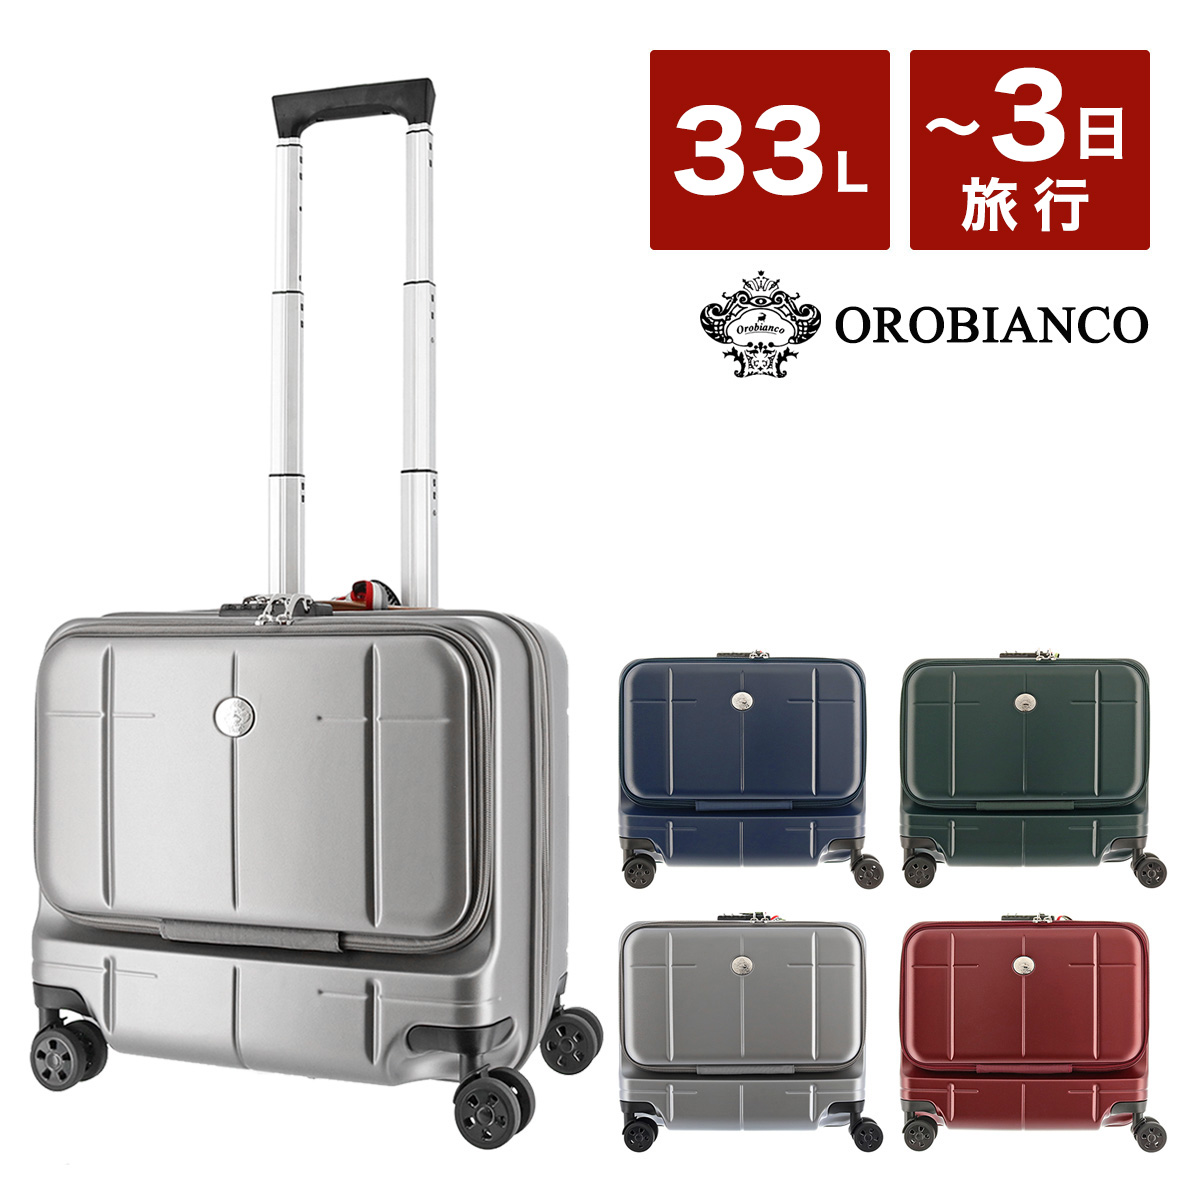 オロビアンコ スーツケース 37cm ハード ARZILLO 33L 9711 | OROBIANCO キャリーケース TSAロック搭載 フロントオープン ポケット付き メンズ[即日発送][PO10]